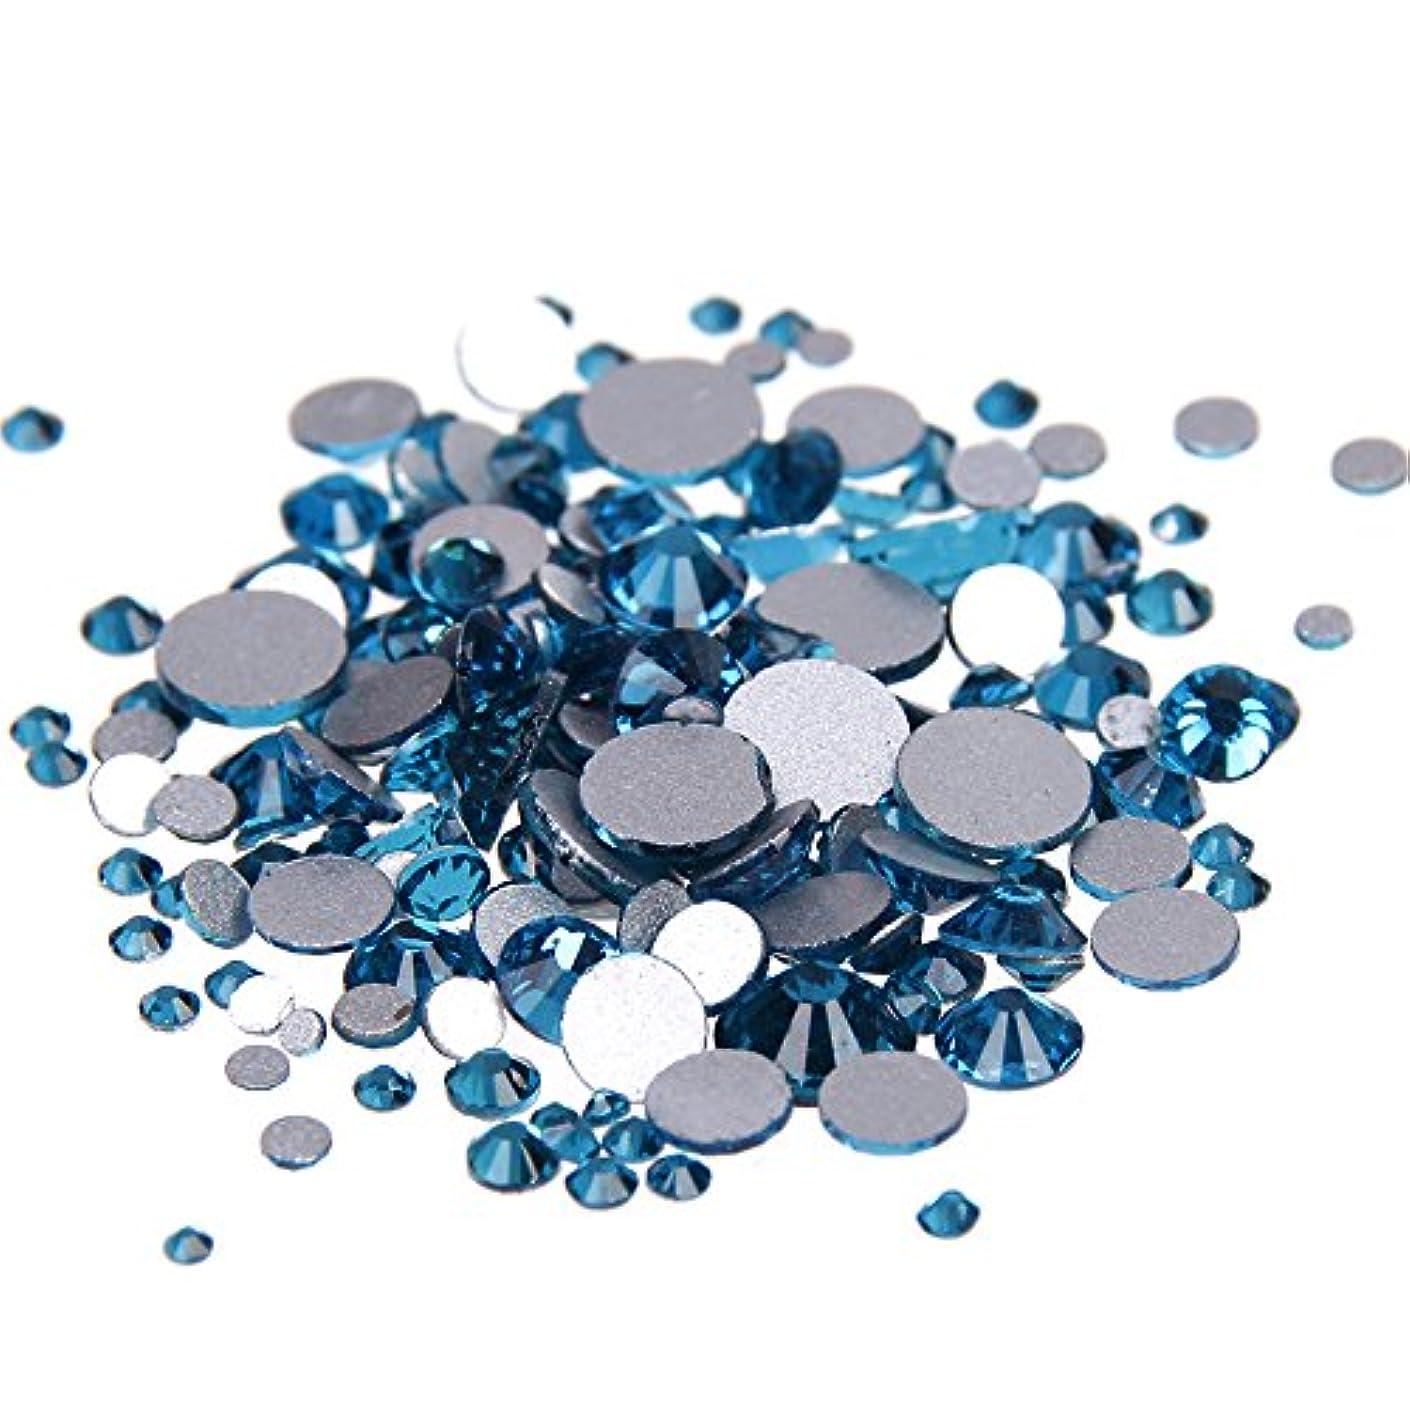 ドループ乱暴な原告Nizi ジュエリー ブランド ブルージルコン ラインストーン は ガラスの材質 ネイル使用 型番ss3-ss34 (SS20 1440pcs)